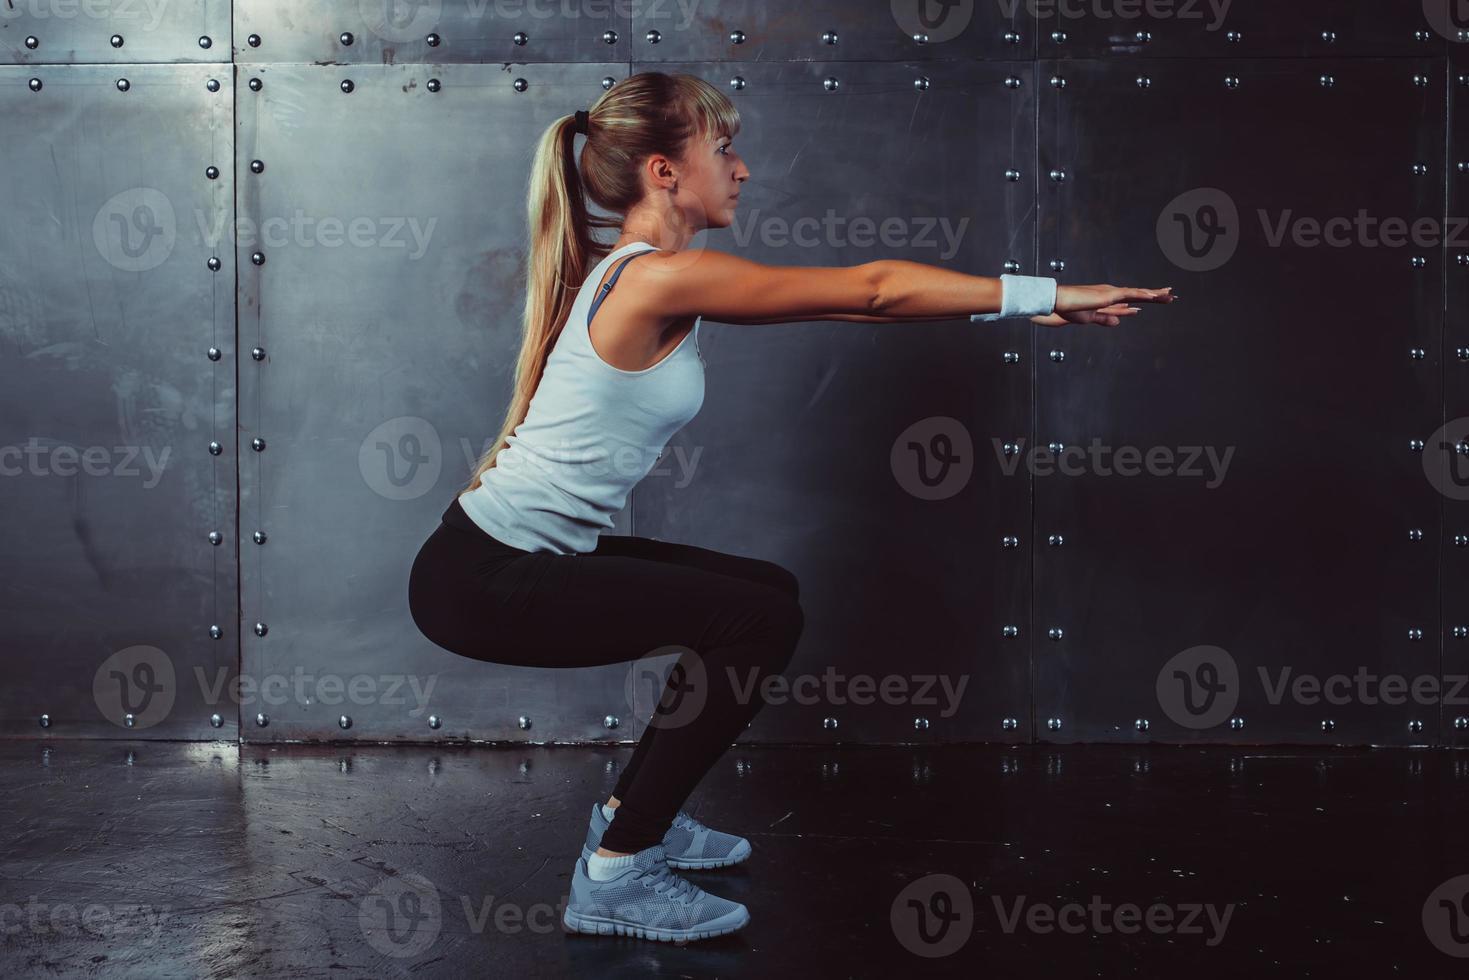 modelo de fitness atlética jovem aquecendo fazendo agachamentos exercício foto